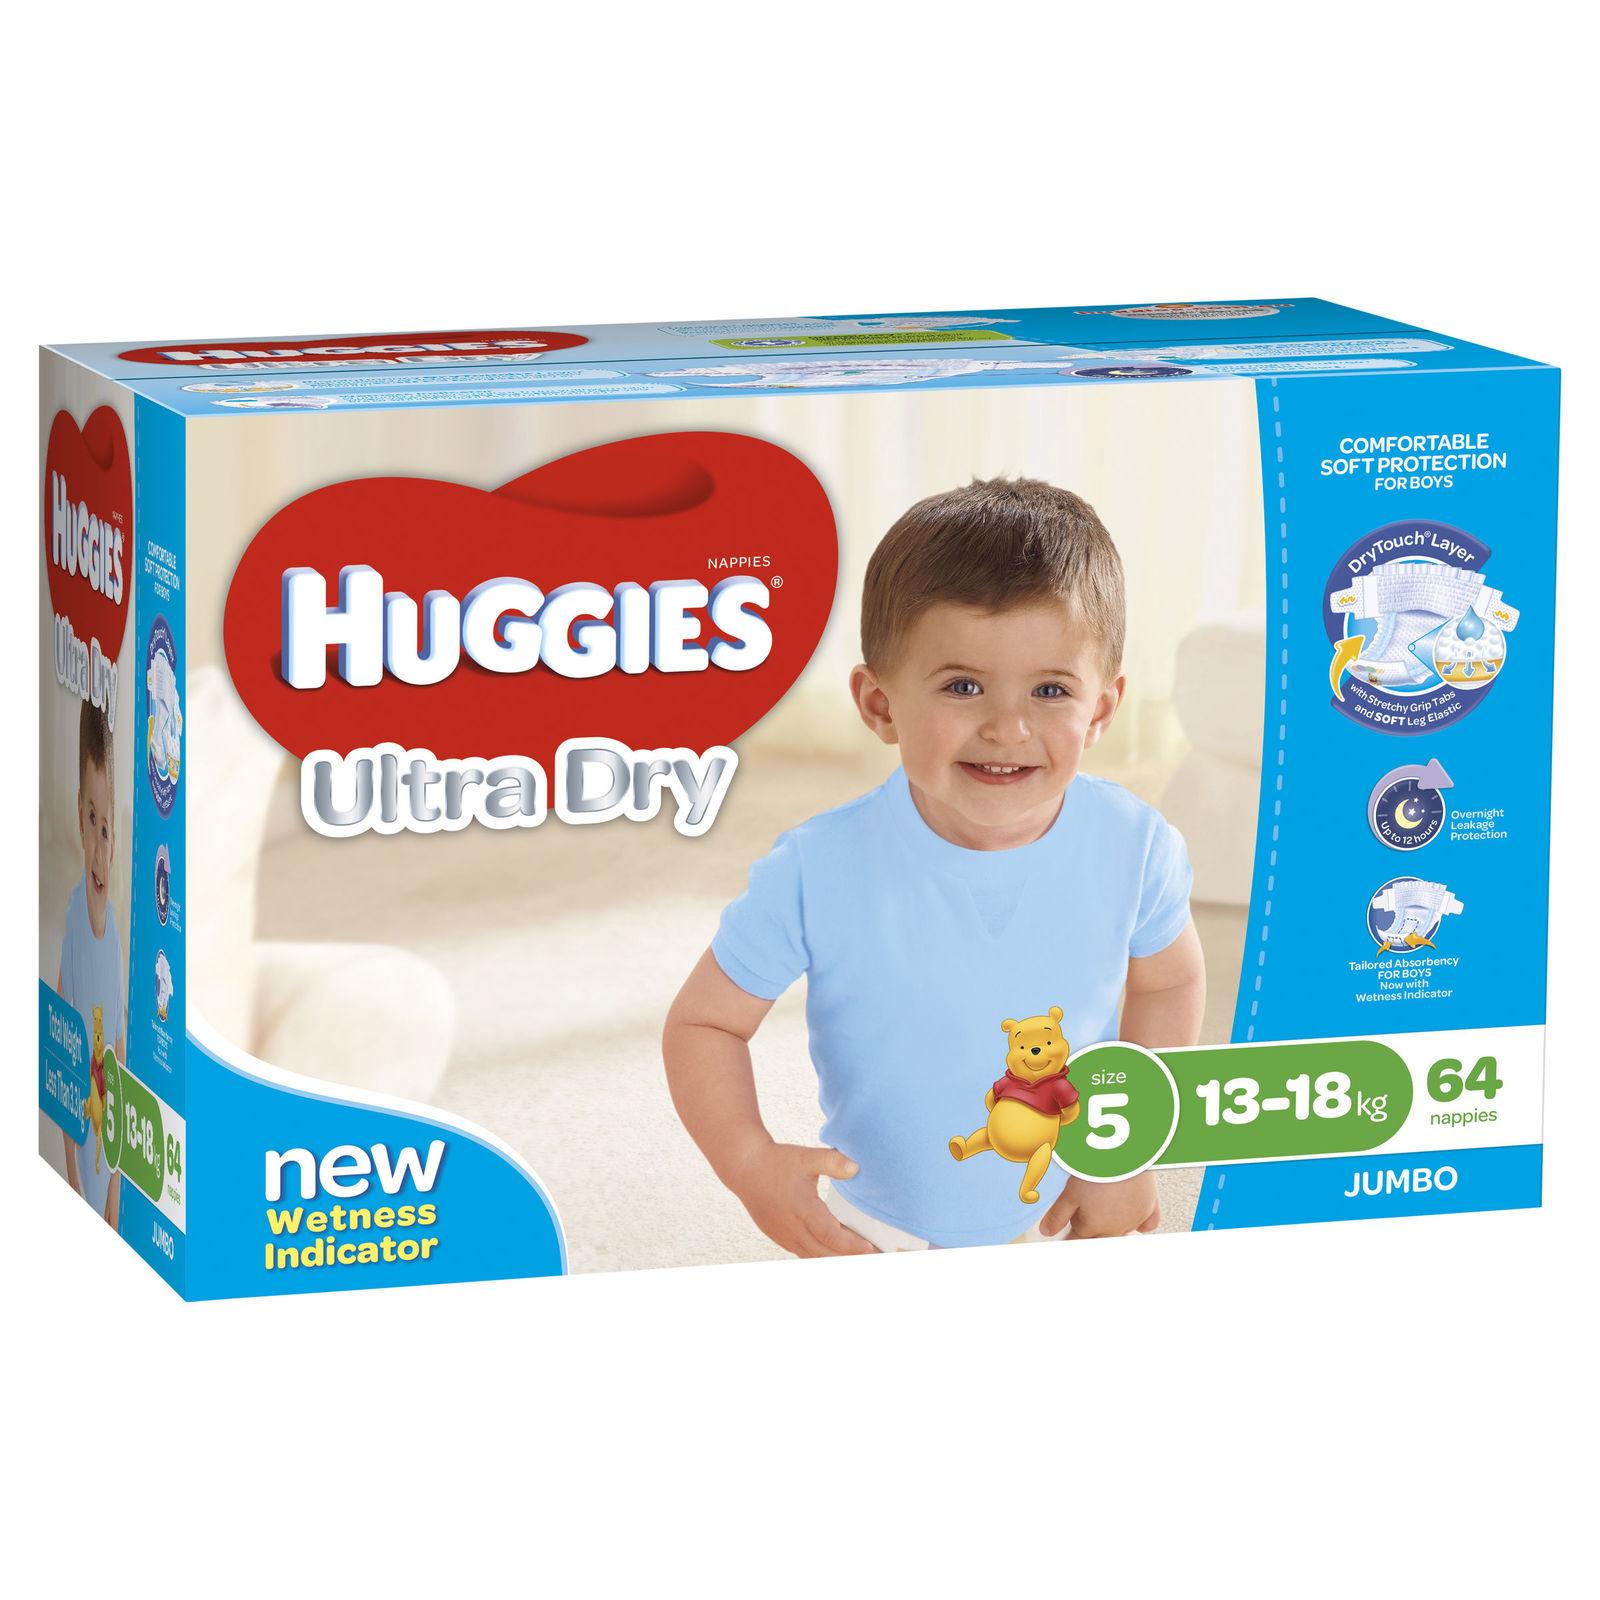 Huggies Ultra Dry Nappies: Jumbo Pack - Walker Boy 13-18kg (64) image